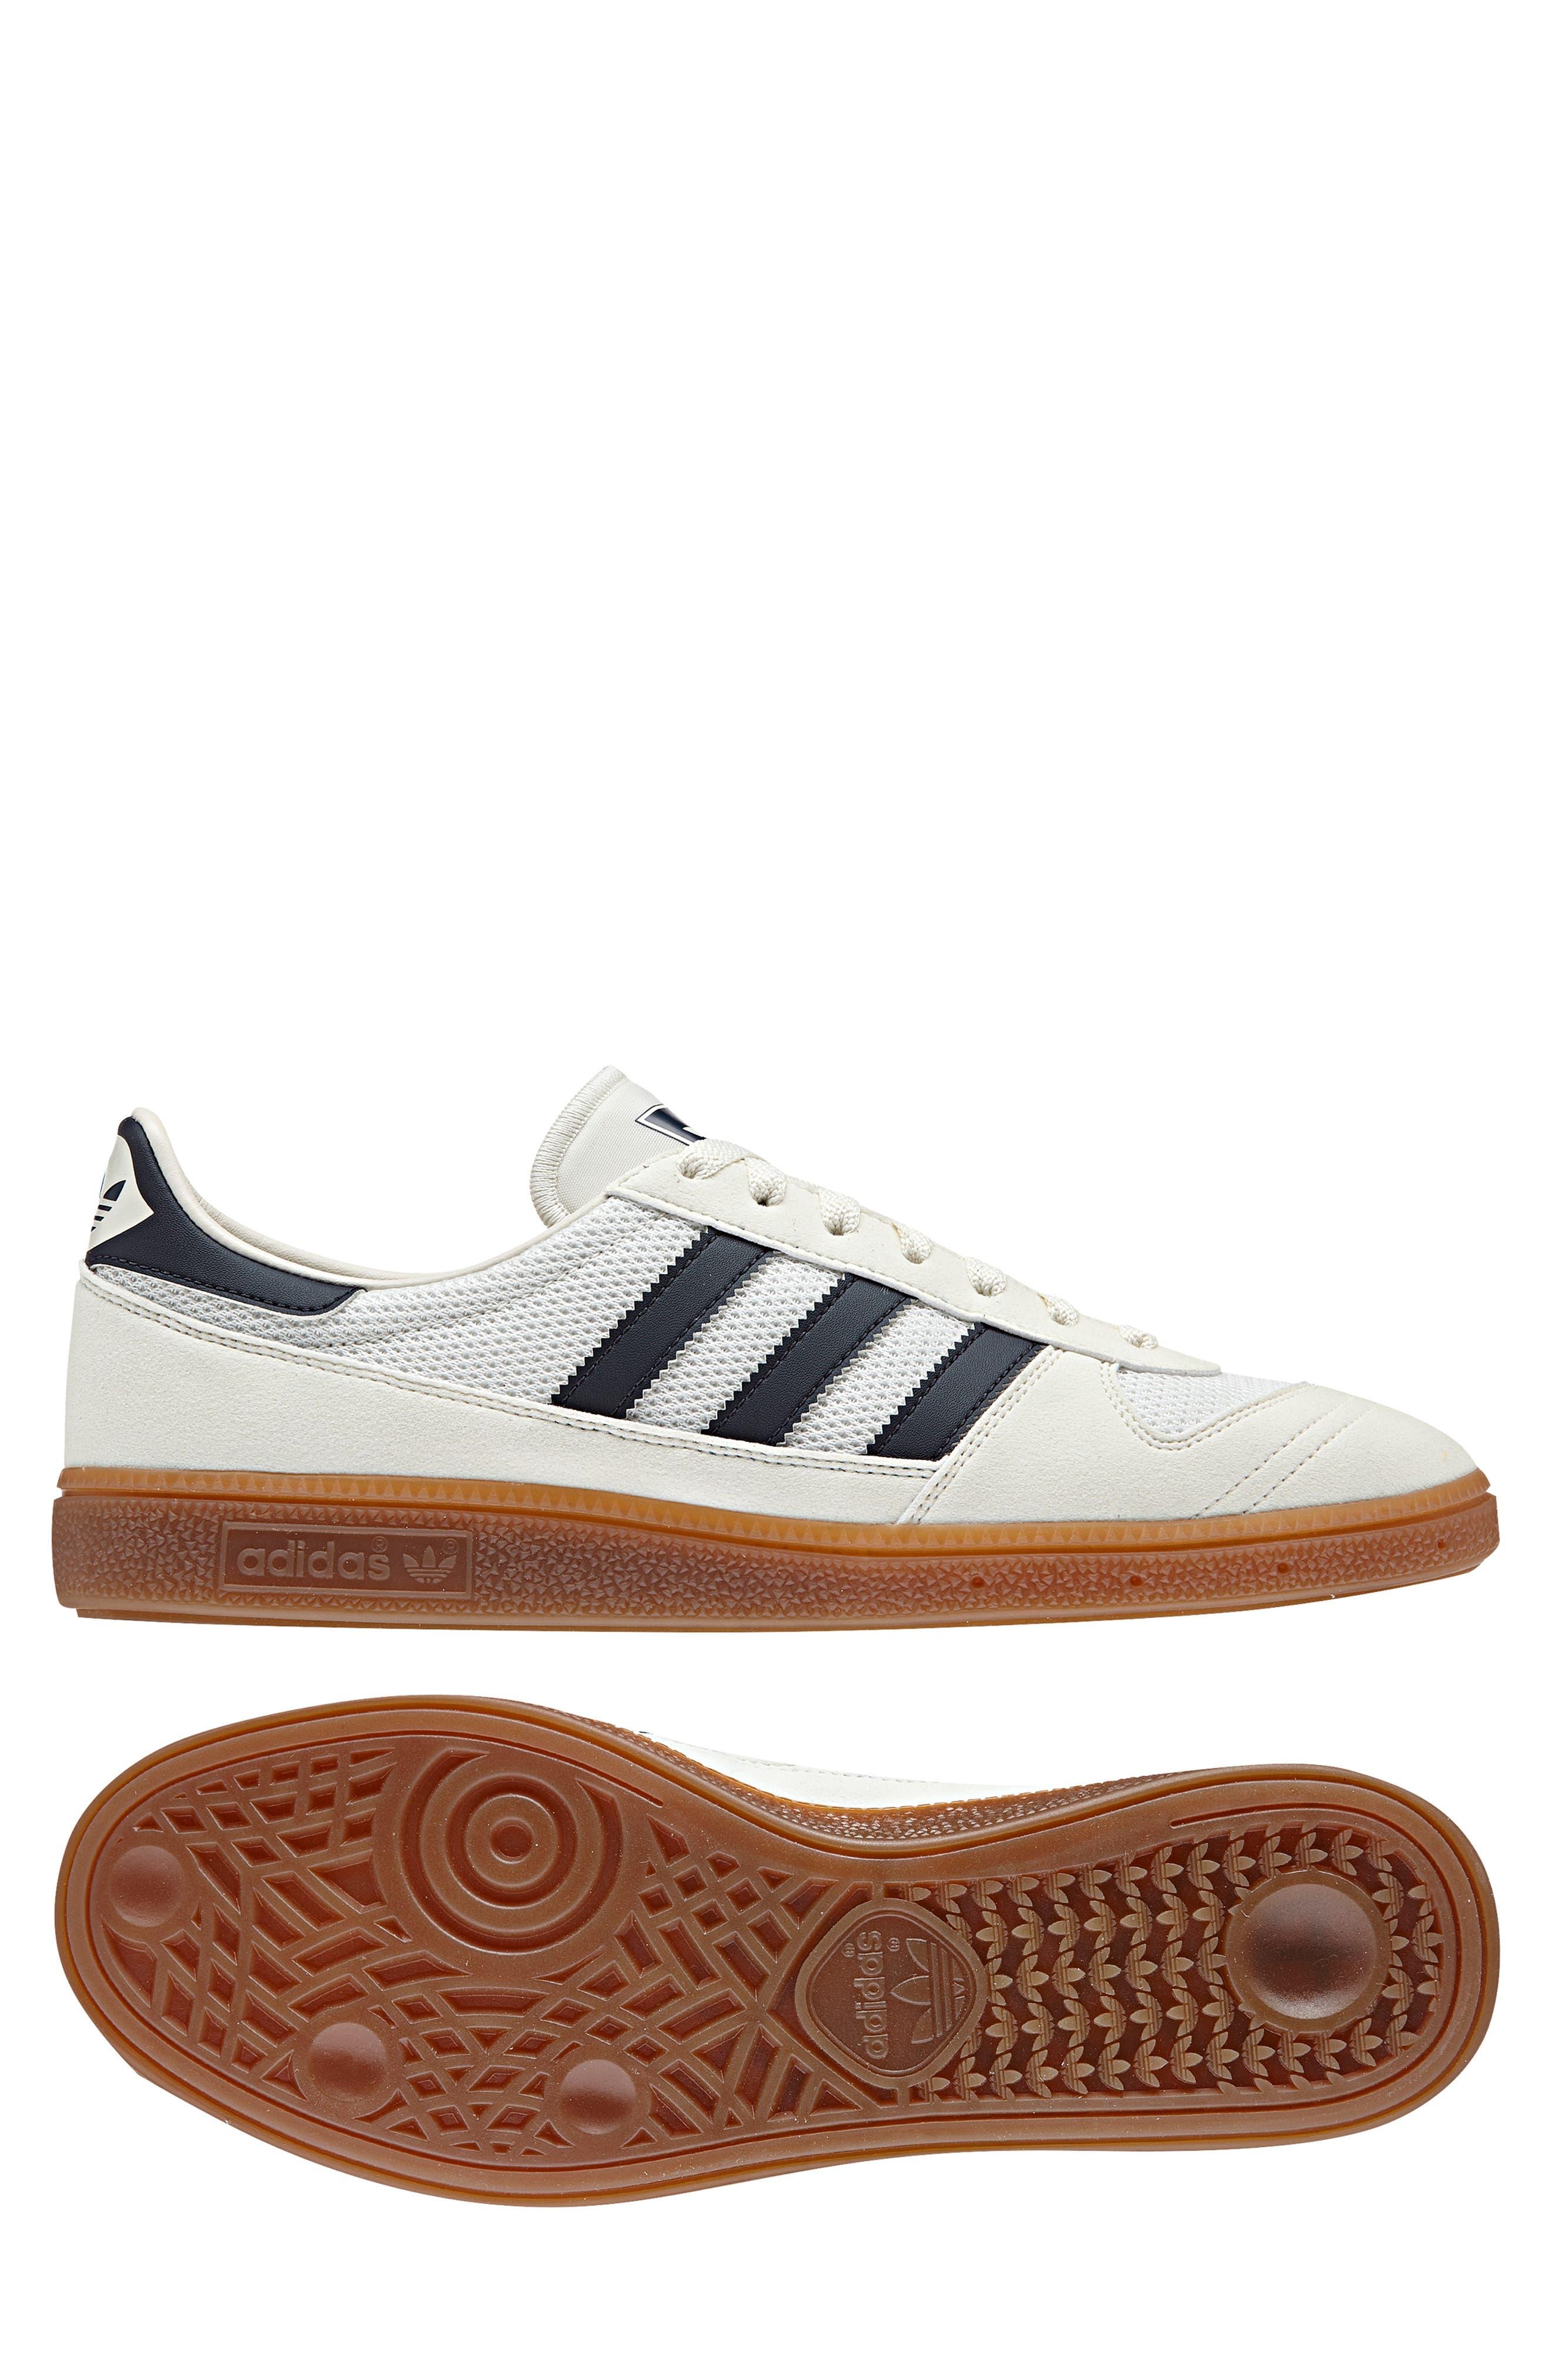 Wilsy SPZL Sneaker,                             Alternate thumbnail 8, color,                             OFF WHITE/ NIGHT NAVY